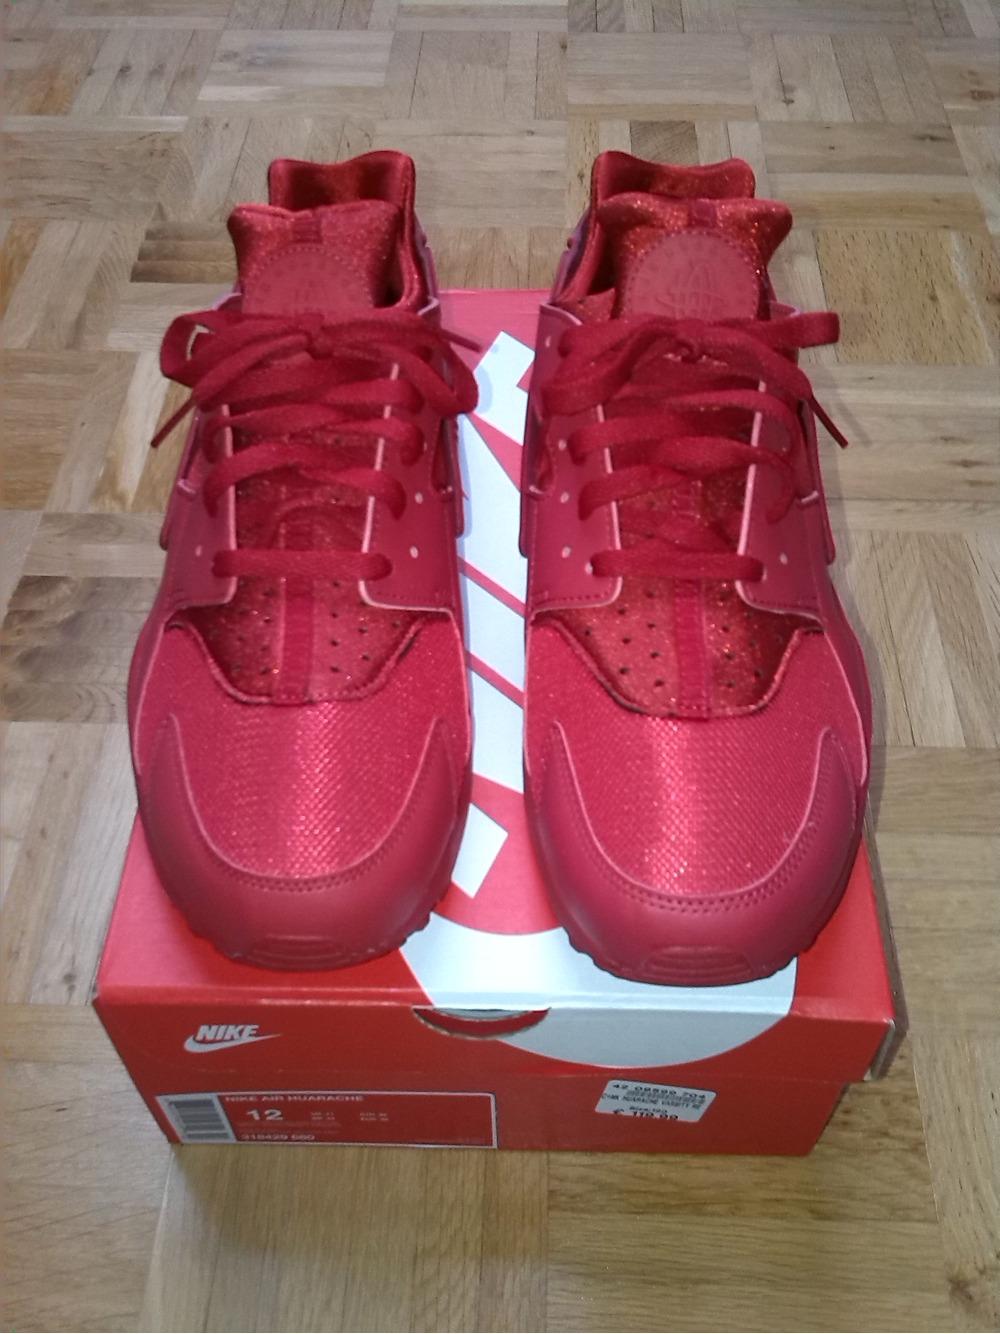 Nike Air Huarache Size 2